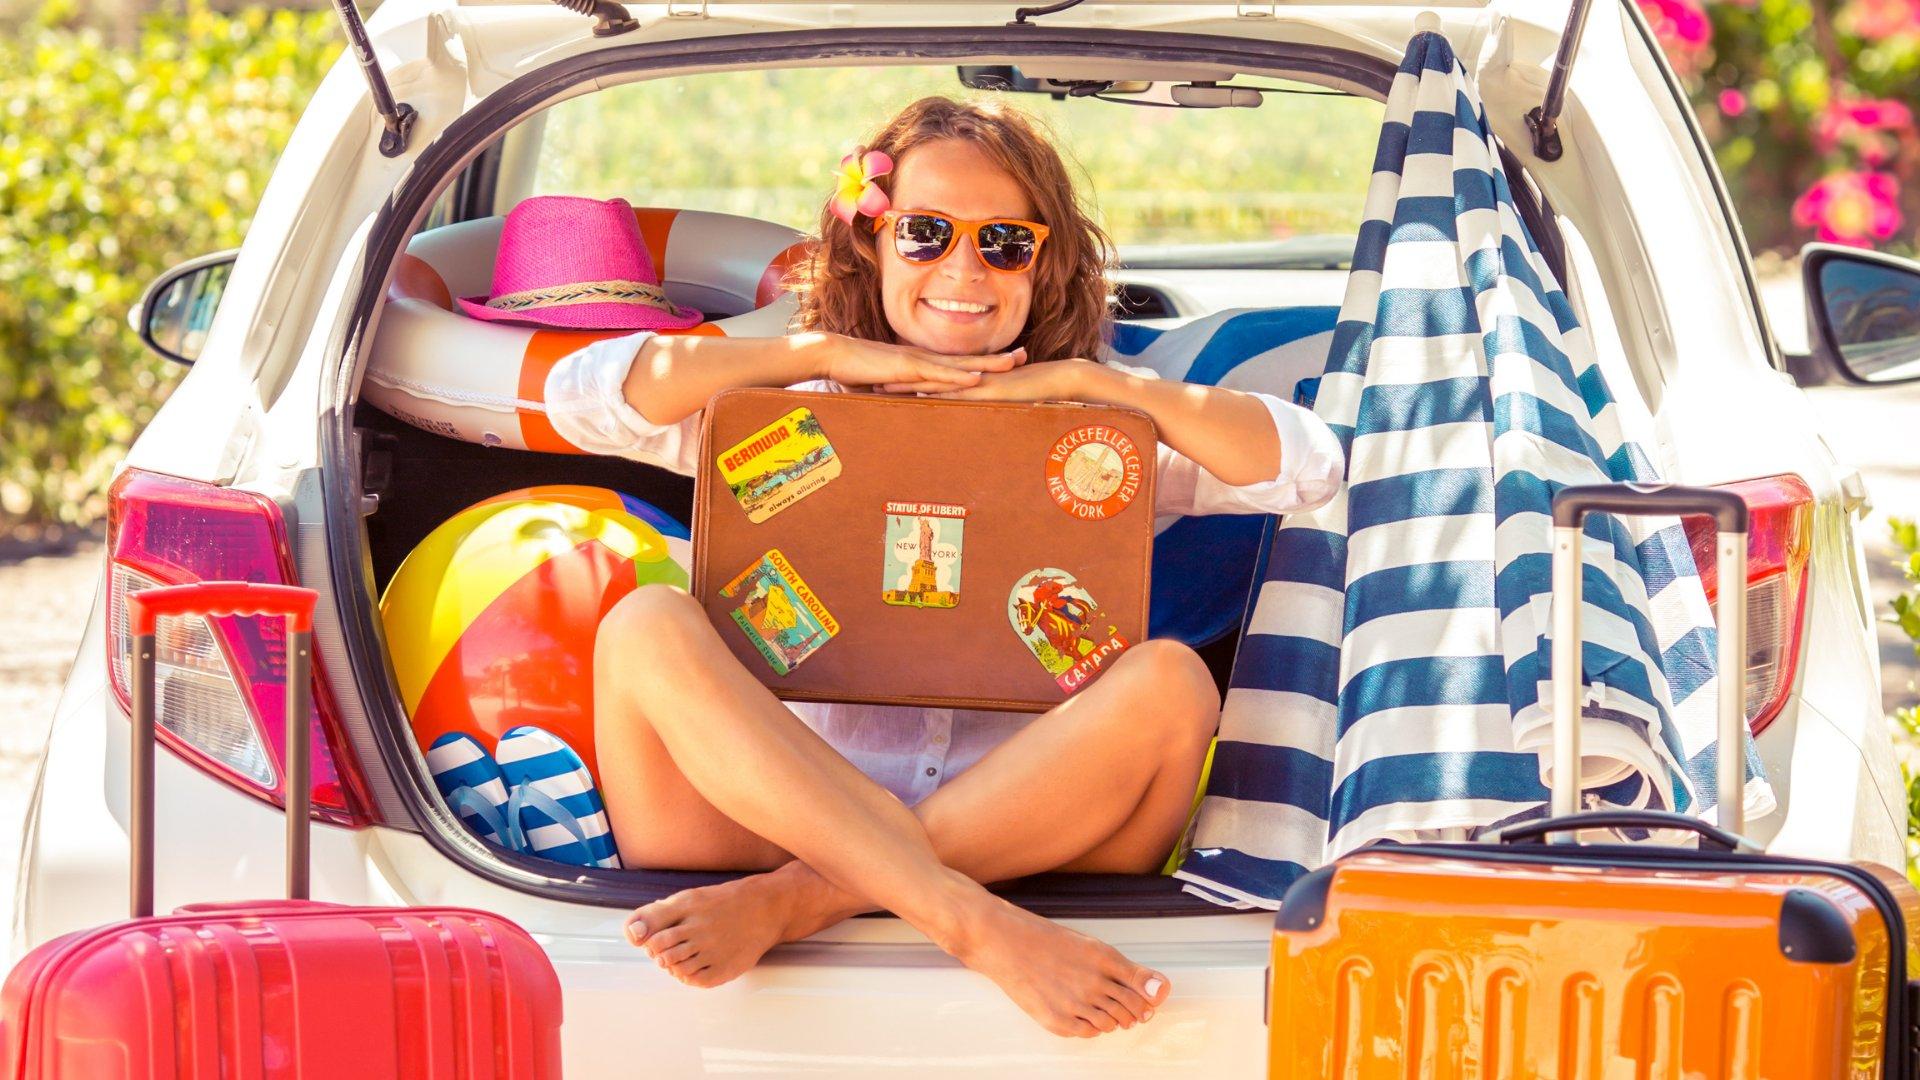 Garota sorrindo com óculos escuros no porta-malas de um carro com bagagens, bolas e boias de praia